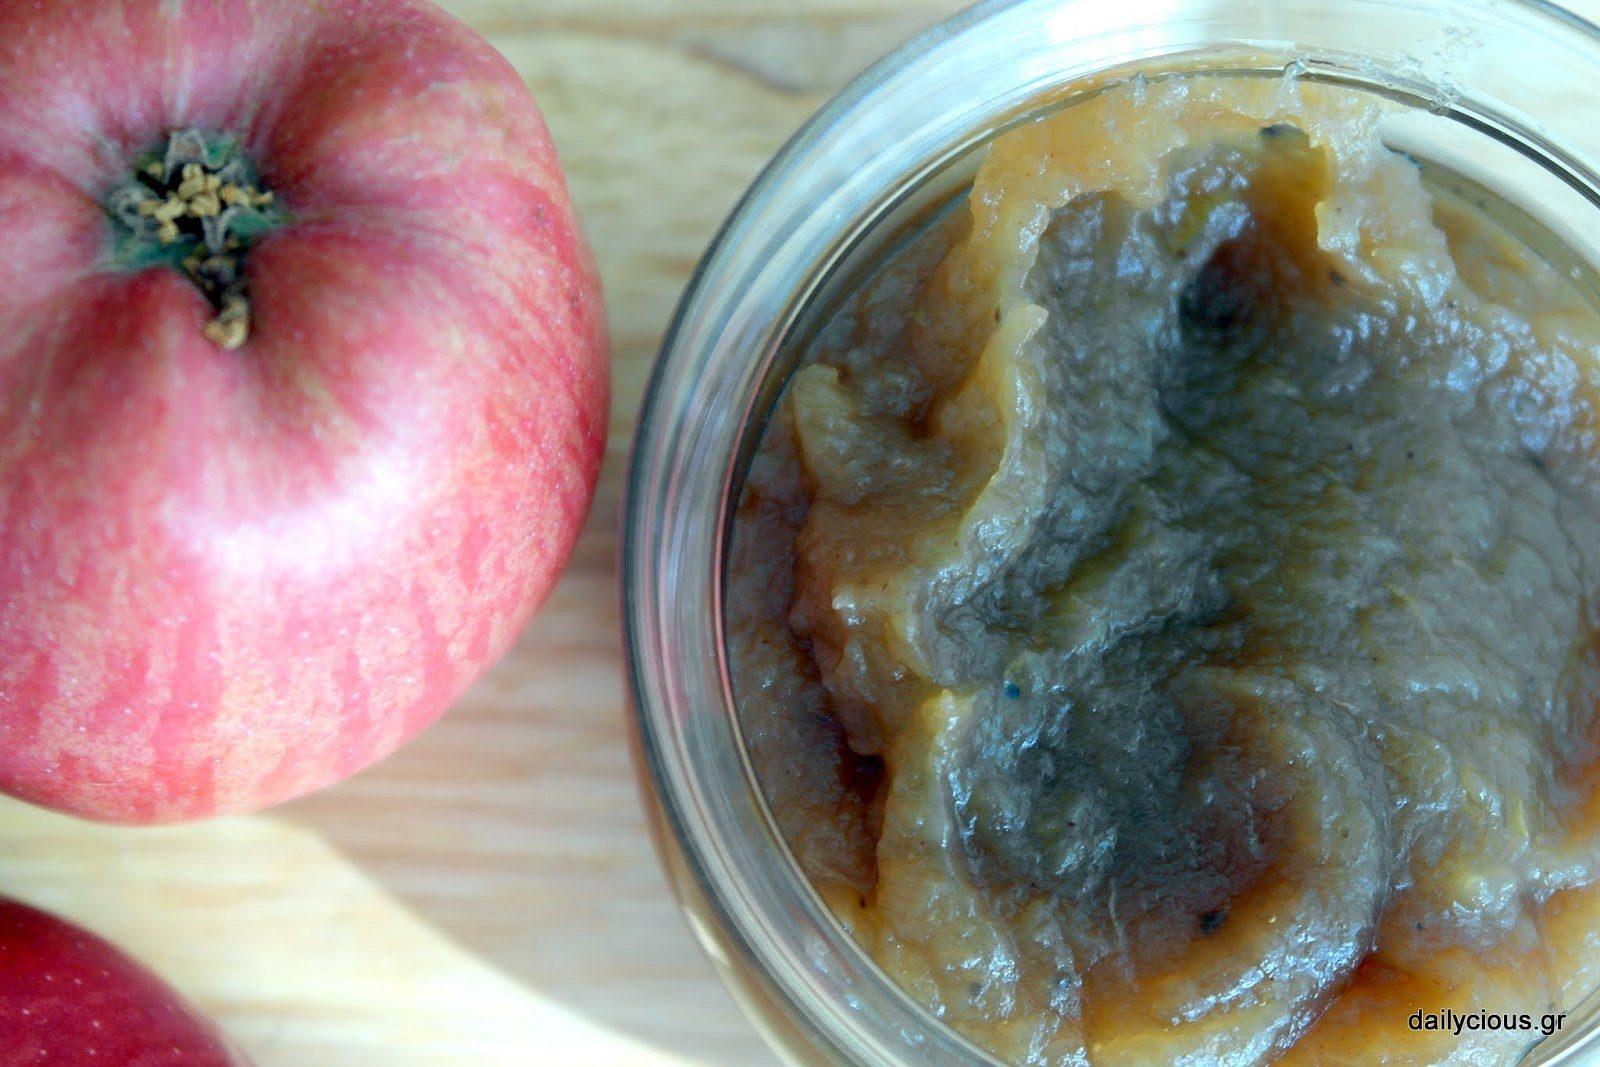 Έτοιμη η Μαρμελάδα ή Πουρές Μήλου (apple butter).